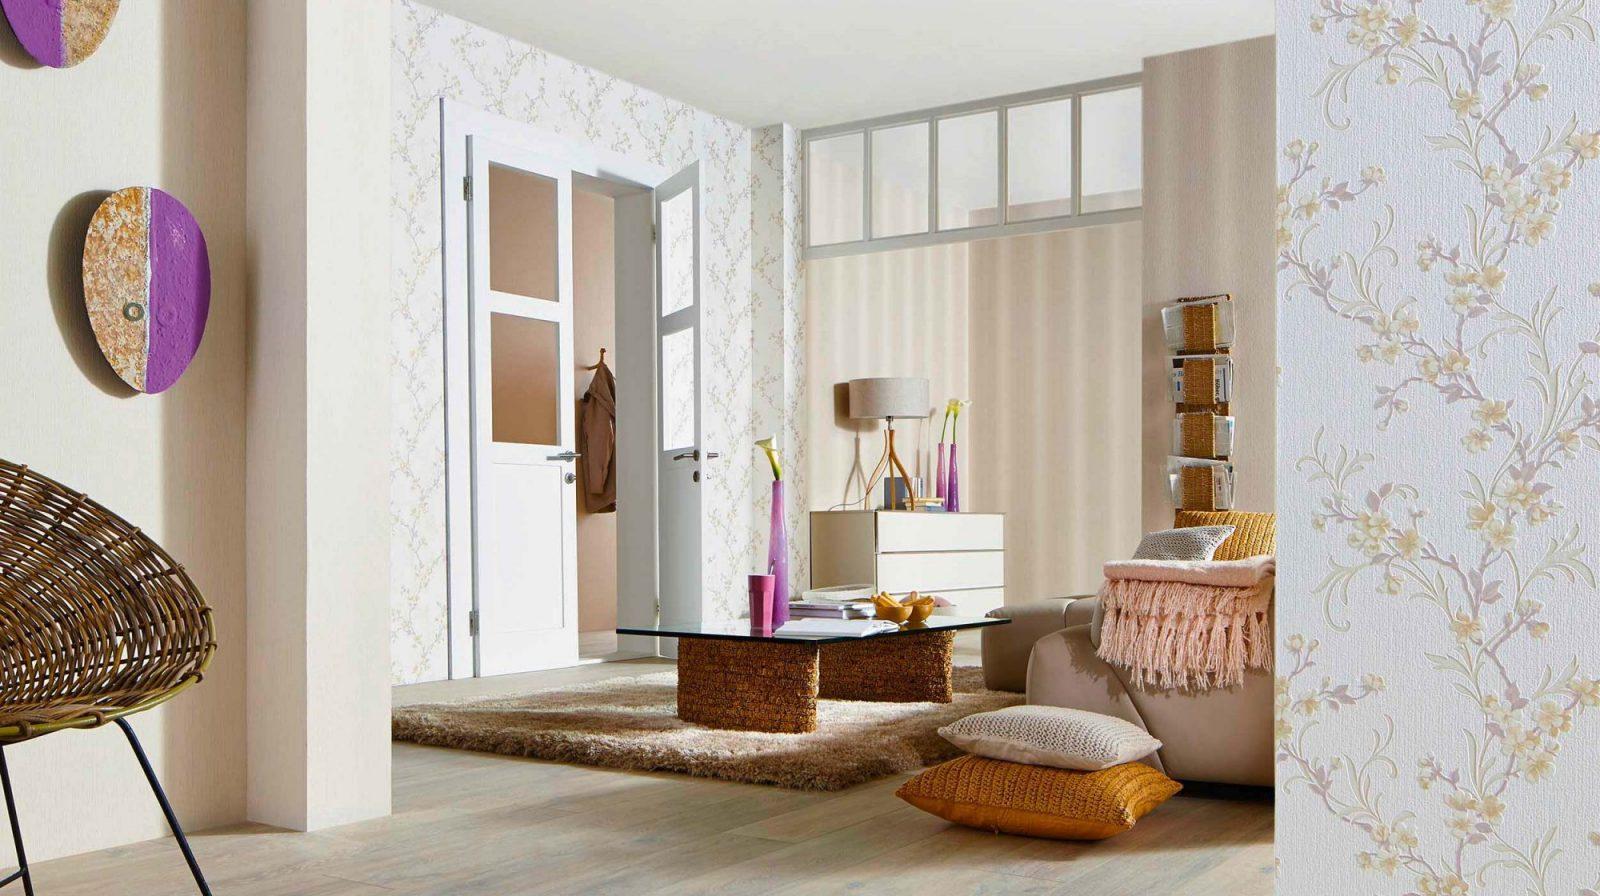 Aktuelle Trendkollektion Fame  Erismann  Cie Gmbh von Tapeten Trends 2015 Wohnzimmer Photo